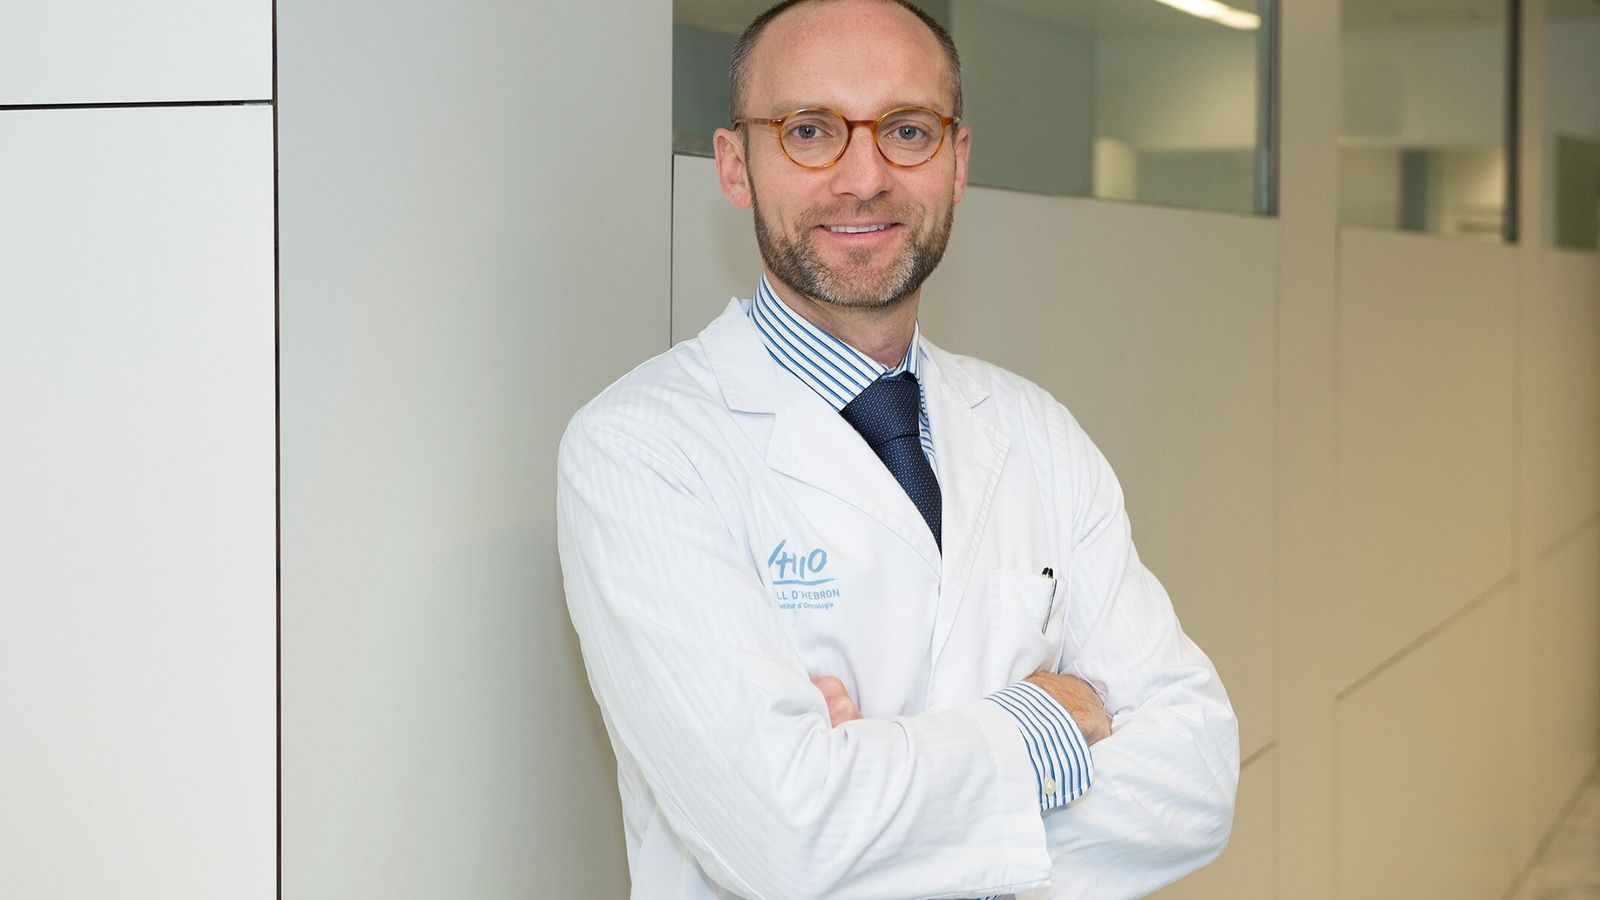 El doctor Rodrigo Dienstmann, investigador principal de l'Oncology Data Science Group del VHIO.